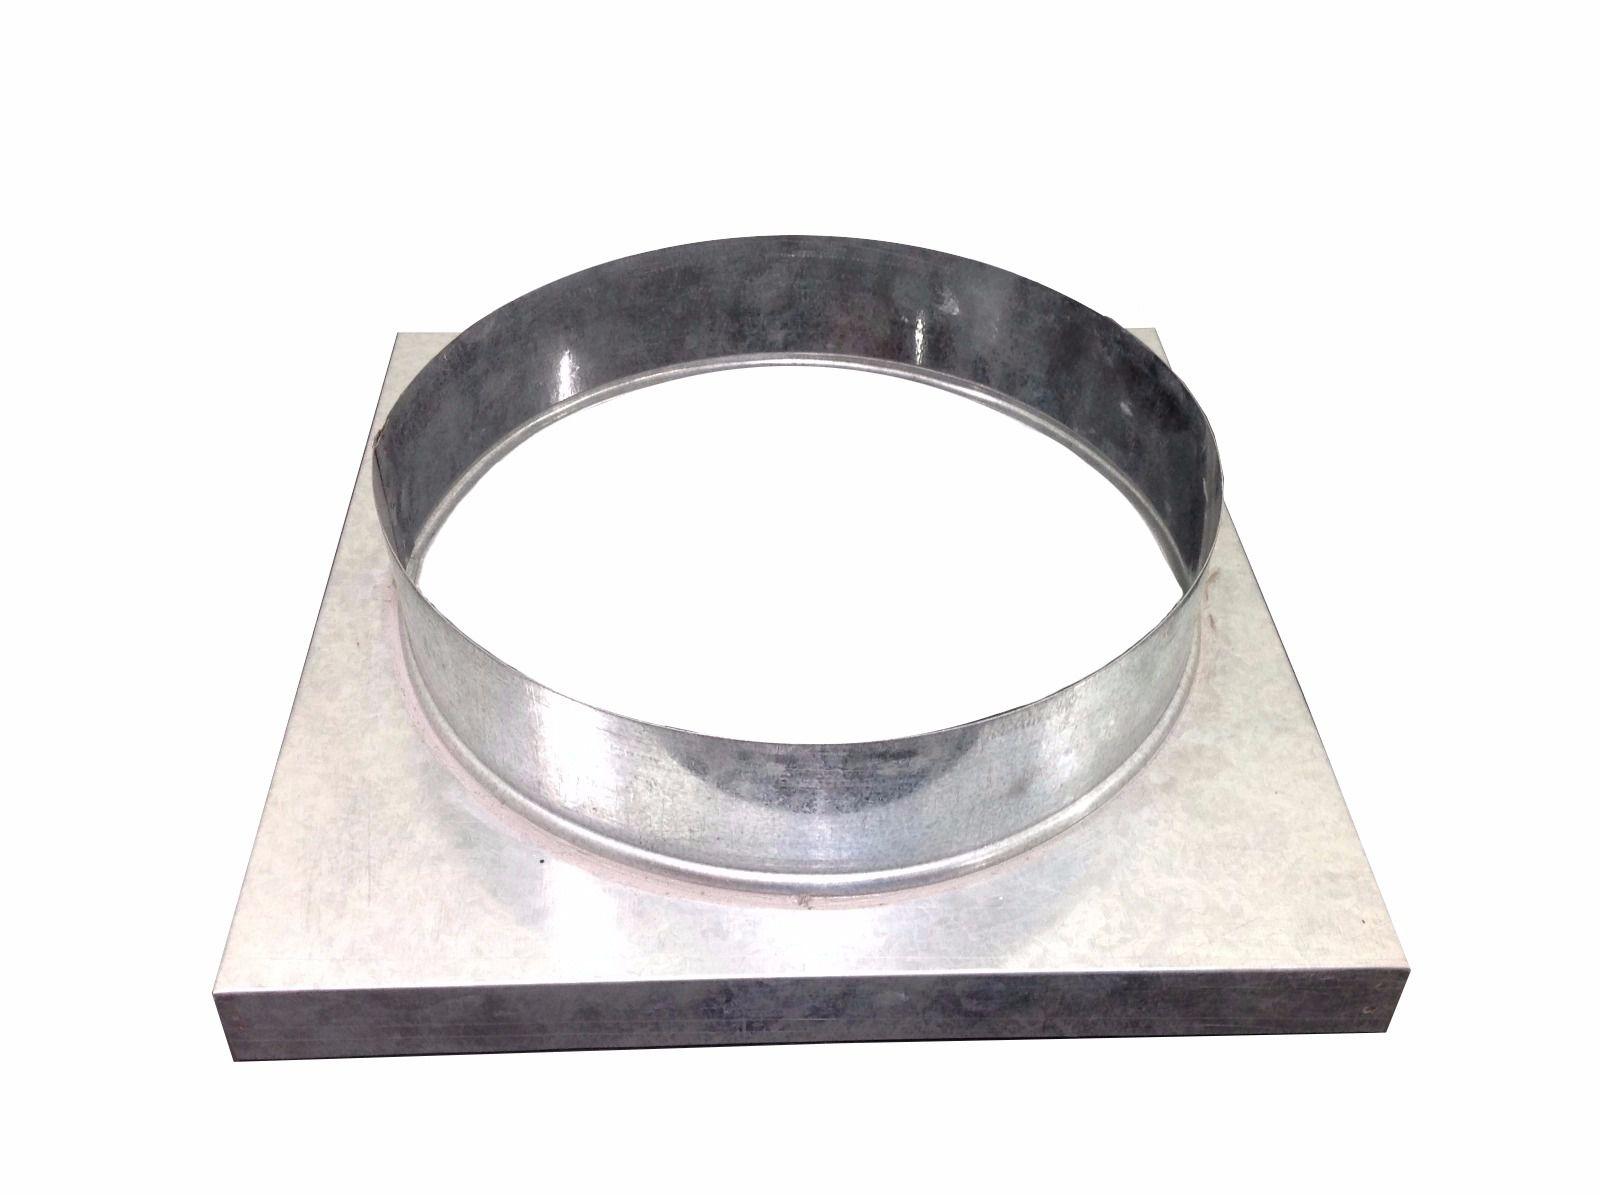 Adaptador galvanizado de quadrado 30,5 x 30,5 cm para redondo 260 mm de diâmetro  - Galvocalhas